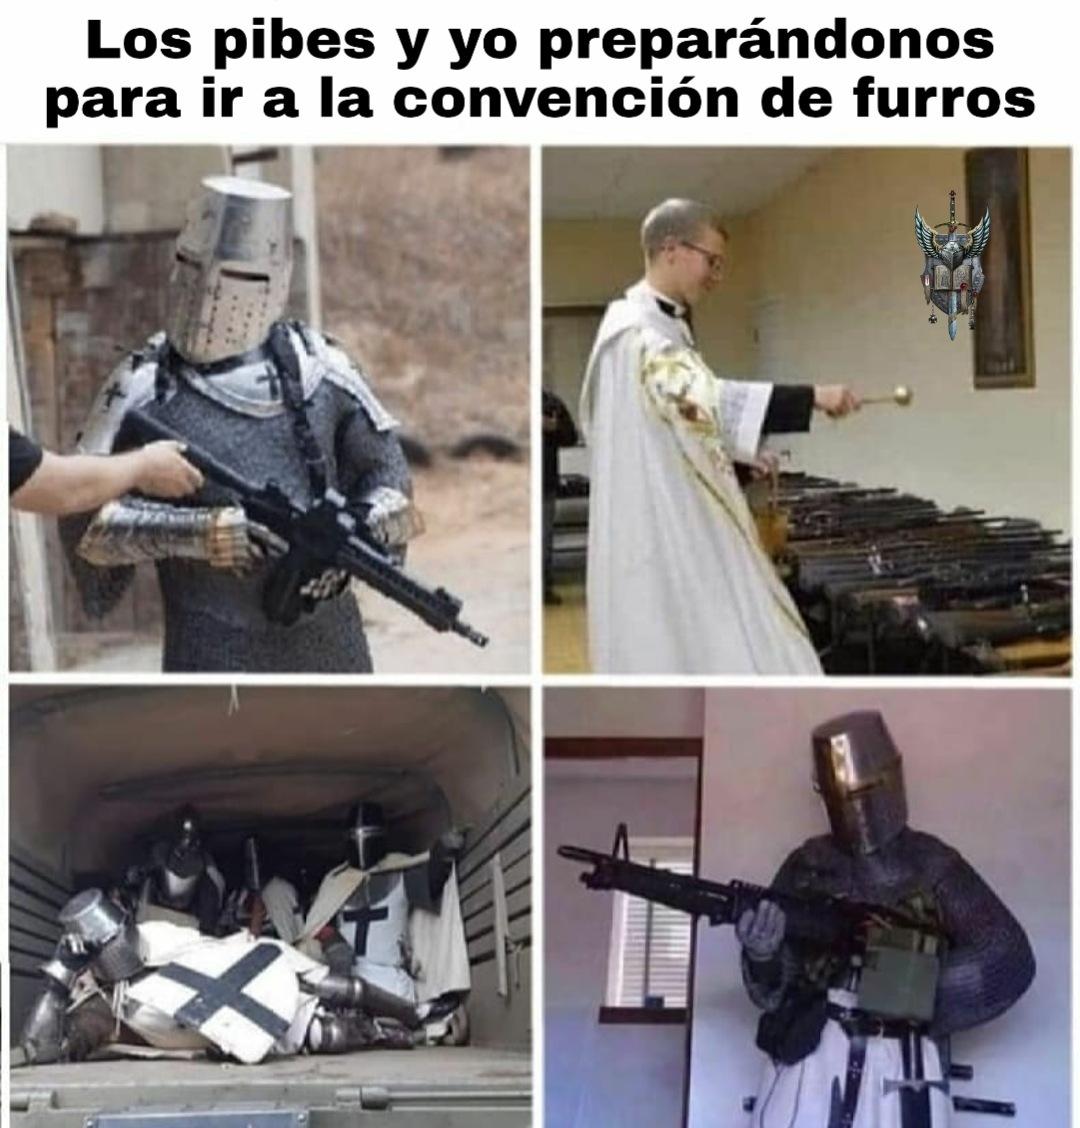 POR LA GLORIA DEL IMPERIUM, AL ATAQUE HERMANOS!!! FOR THE EMPRAH!!! - meme